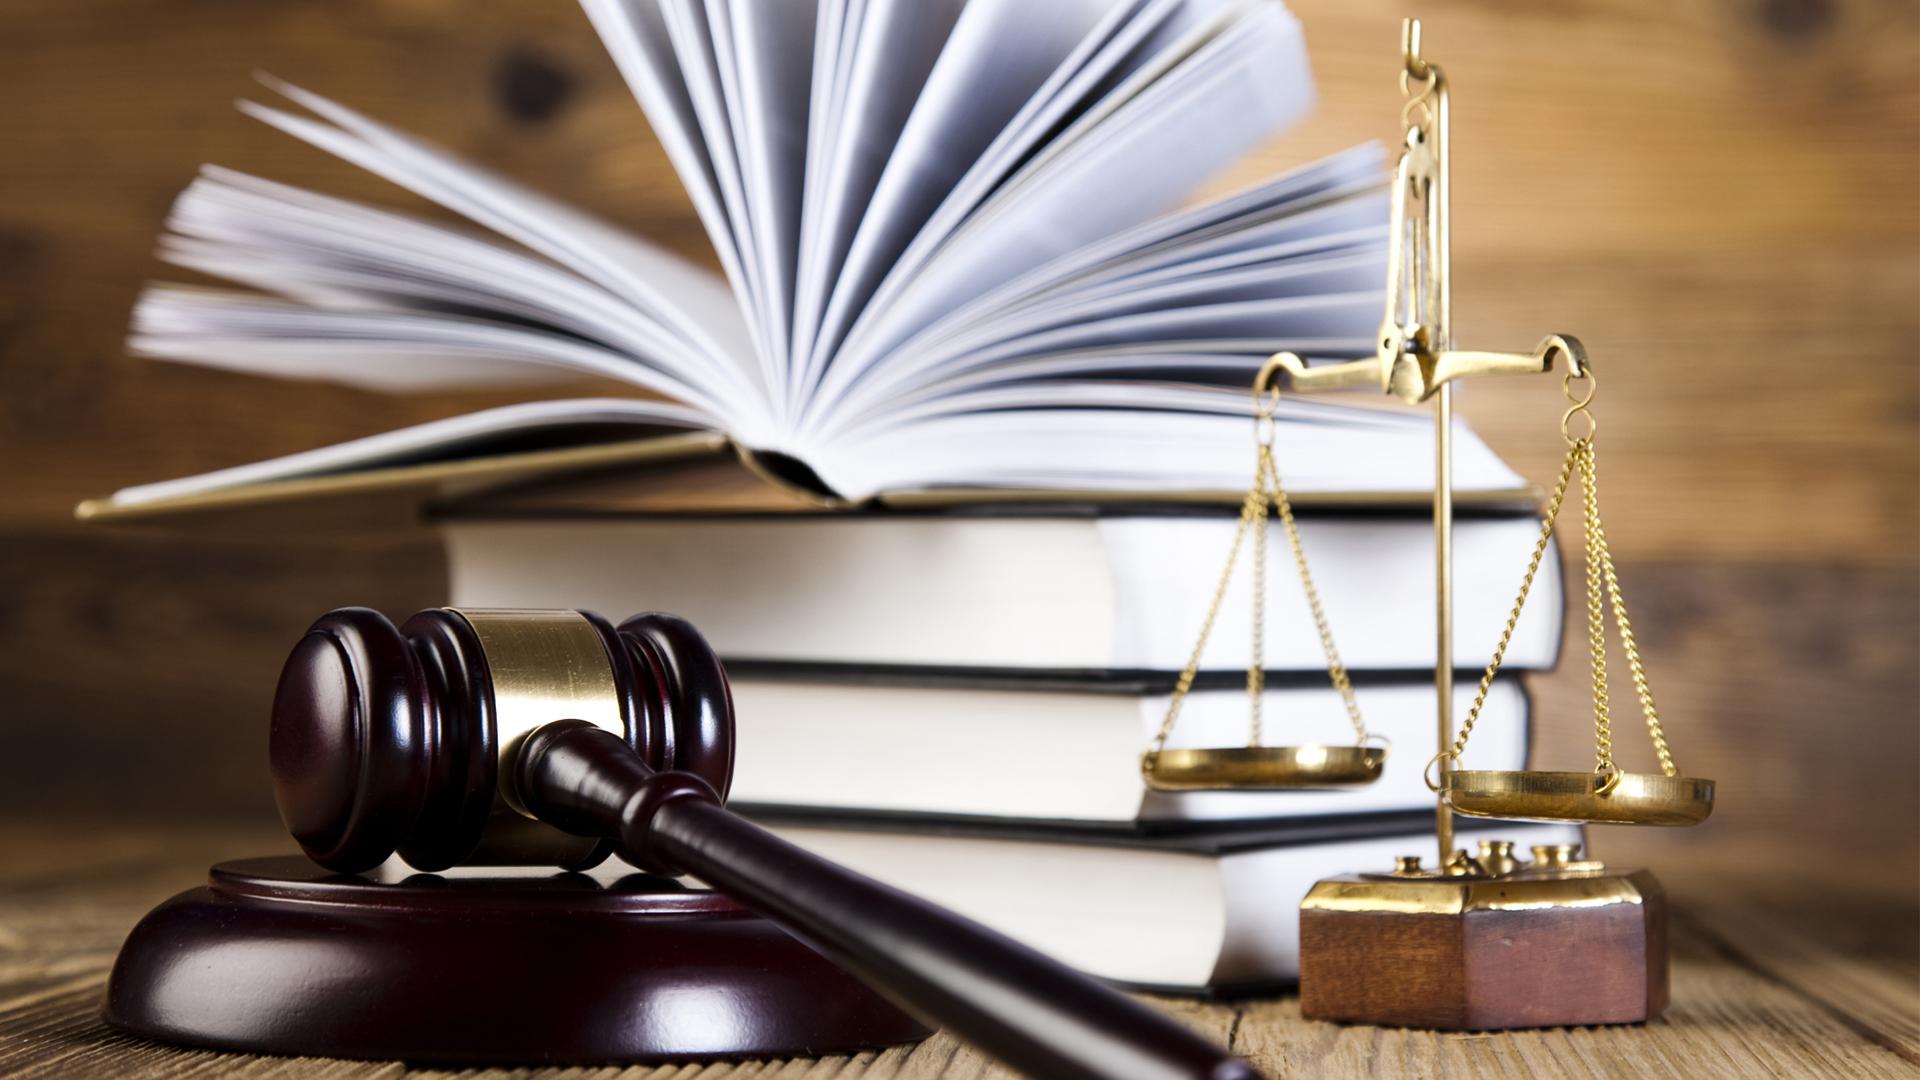 Уголовный адвокат по наркотикам: лучшие юристы по делам 228 статьи